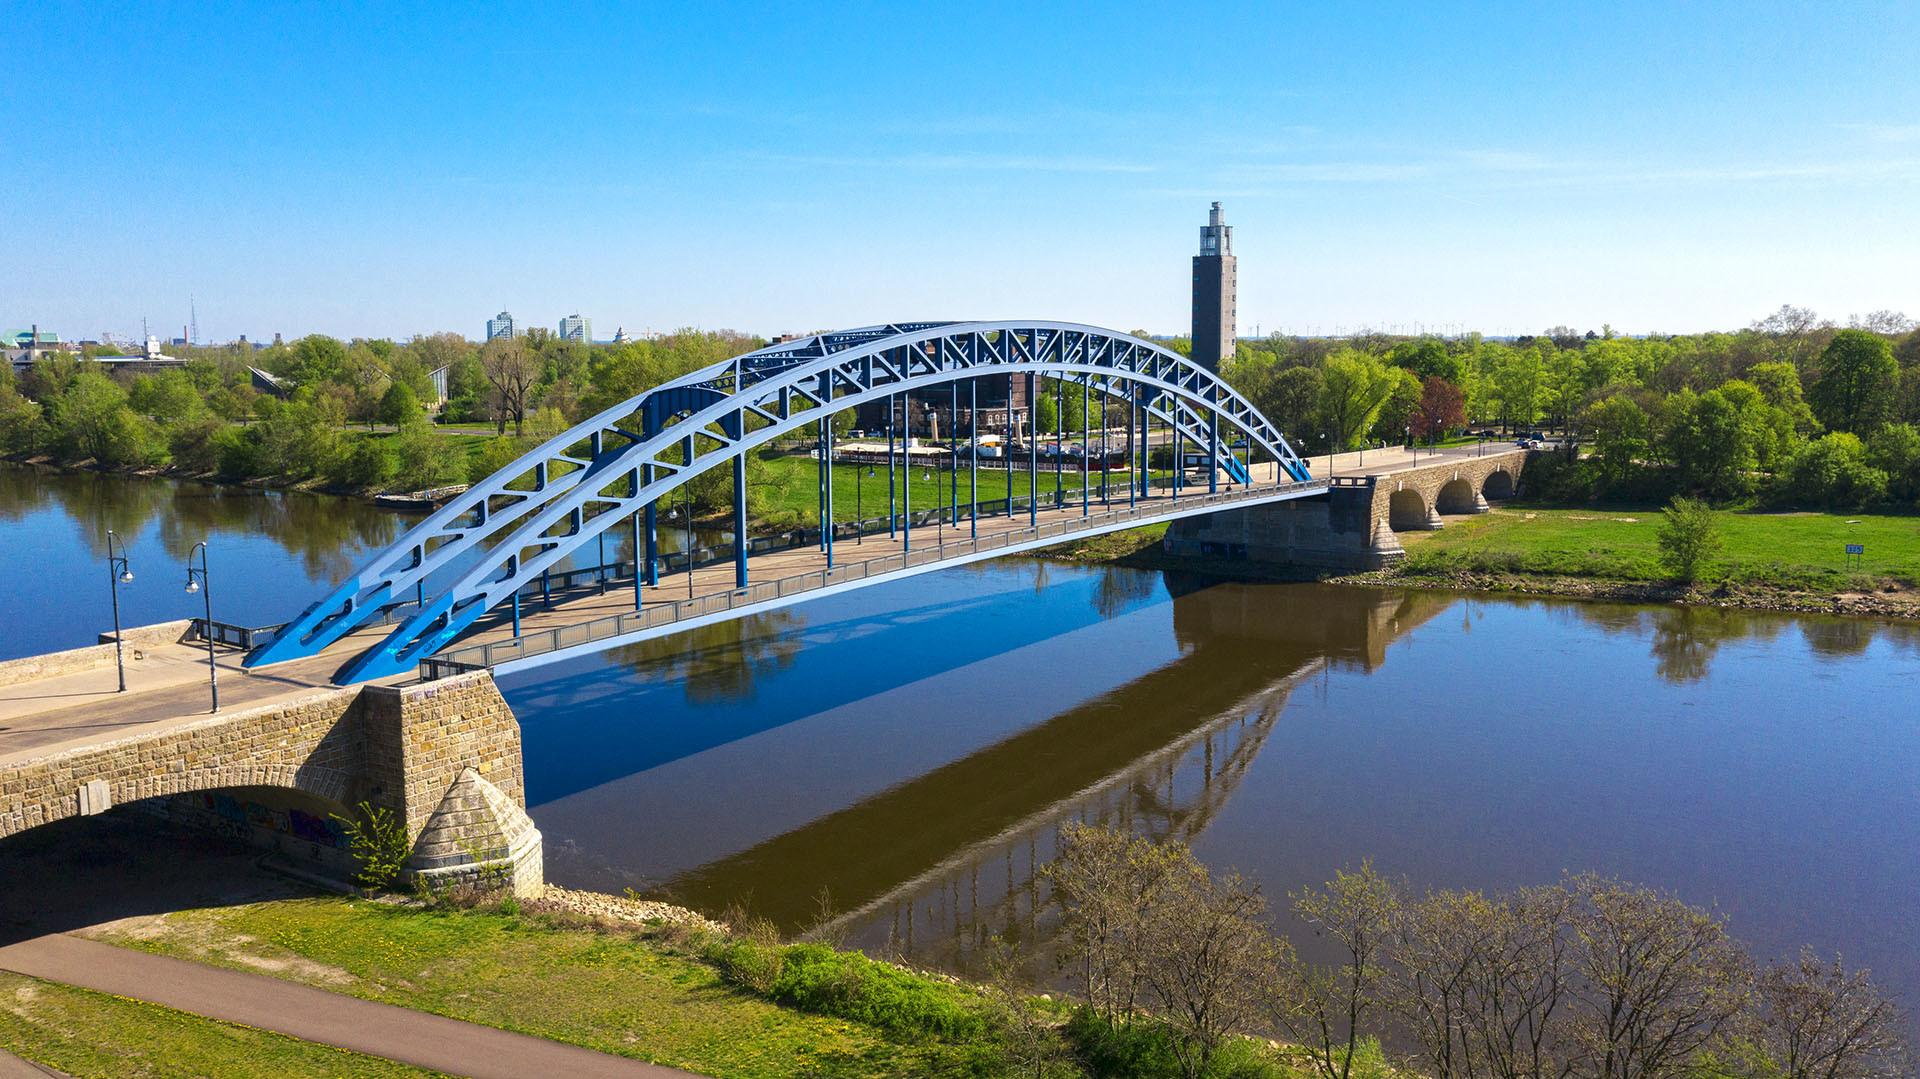 Sternbrücke Magdeburg - Luftaufnahme im Frühling